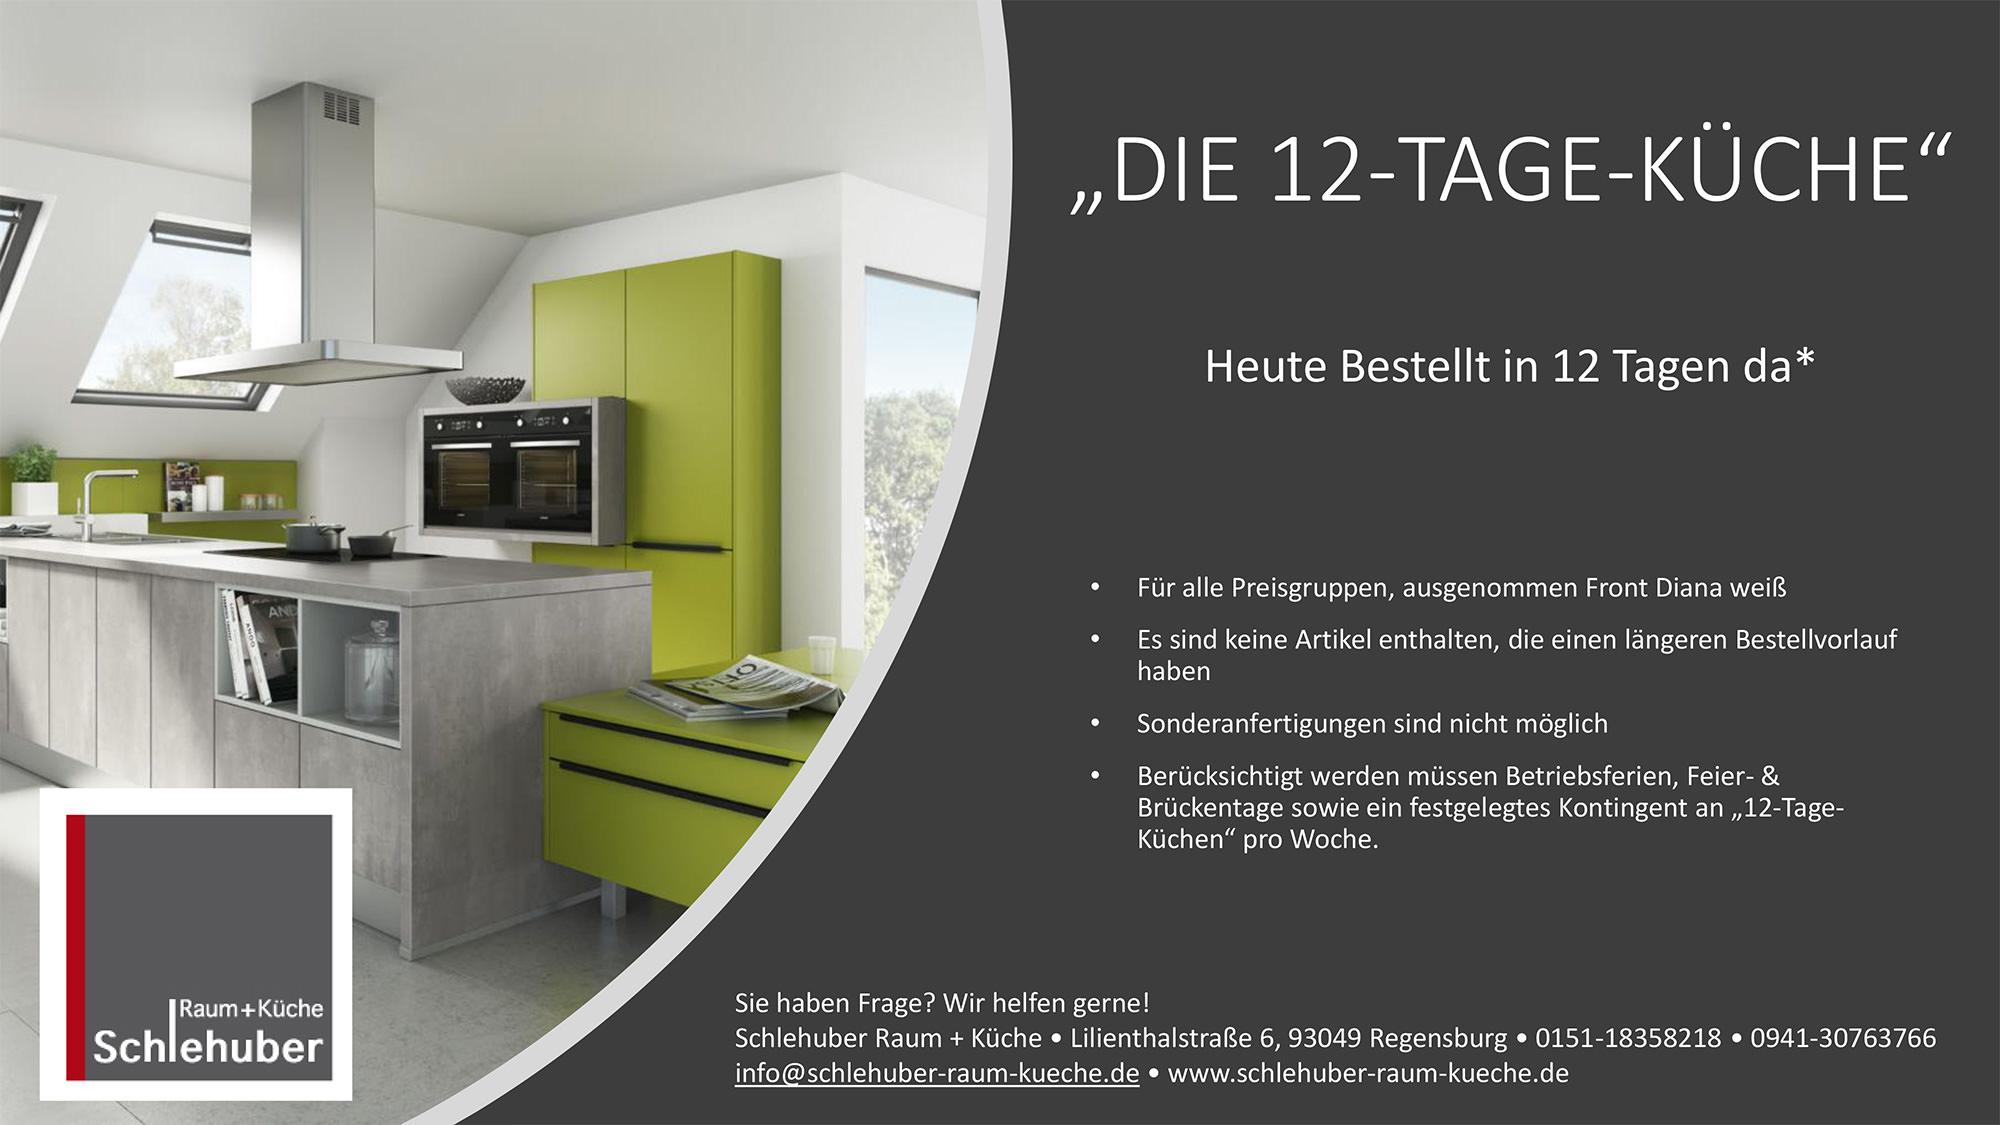 Schlehuber Raum Küche Ihre Experten In Regensburg